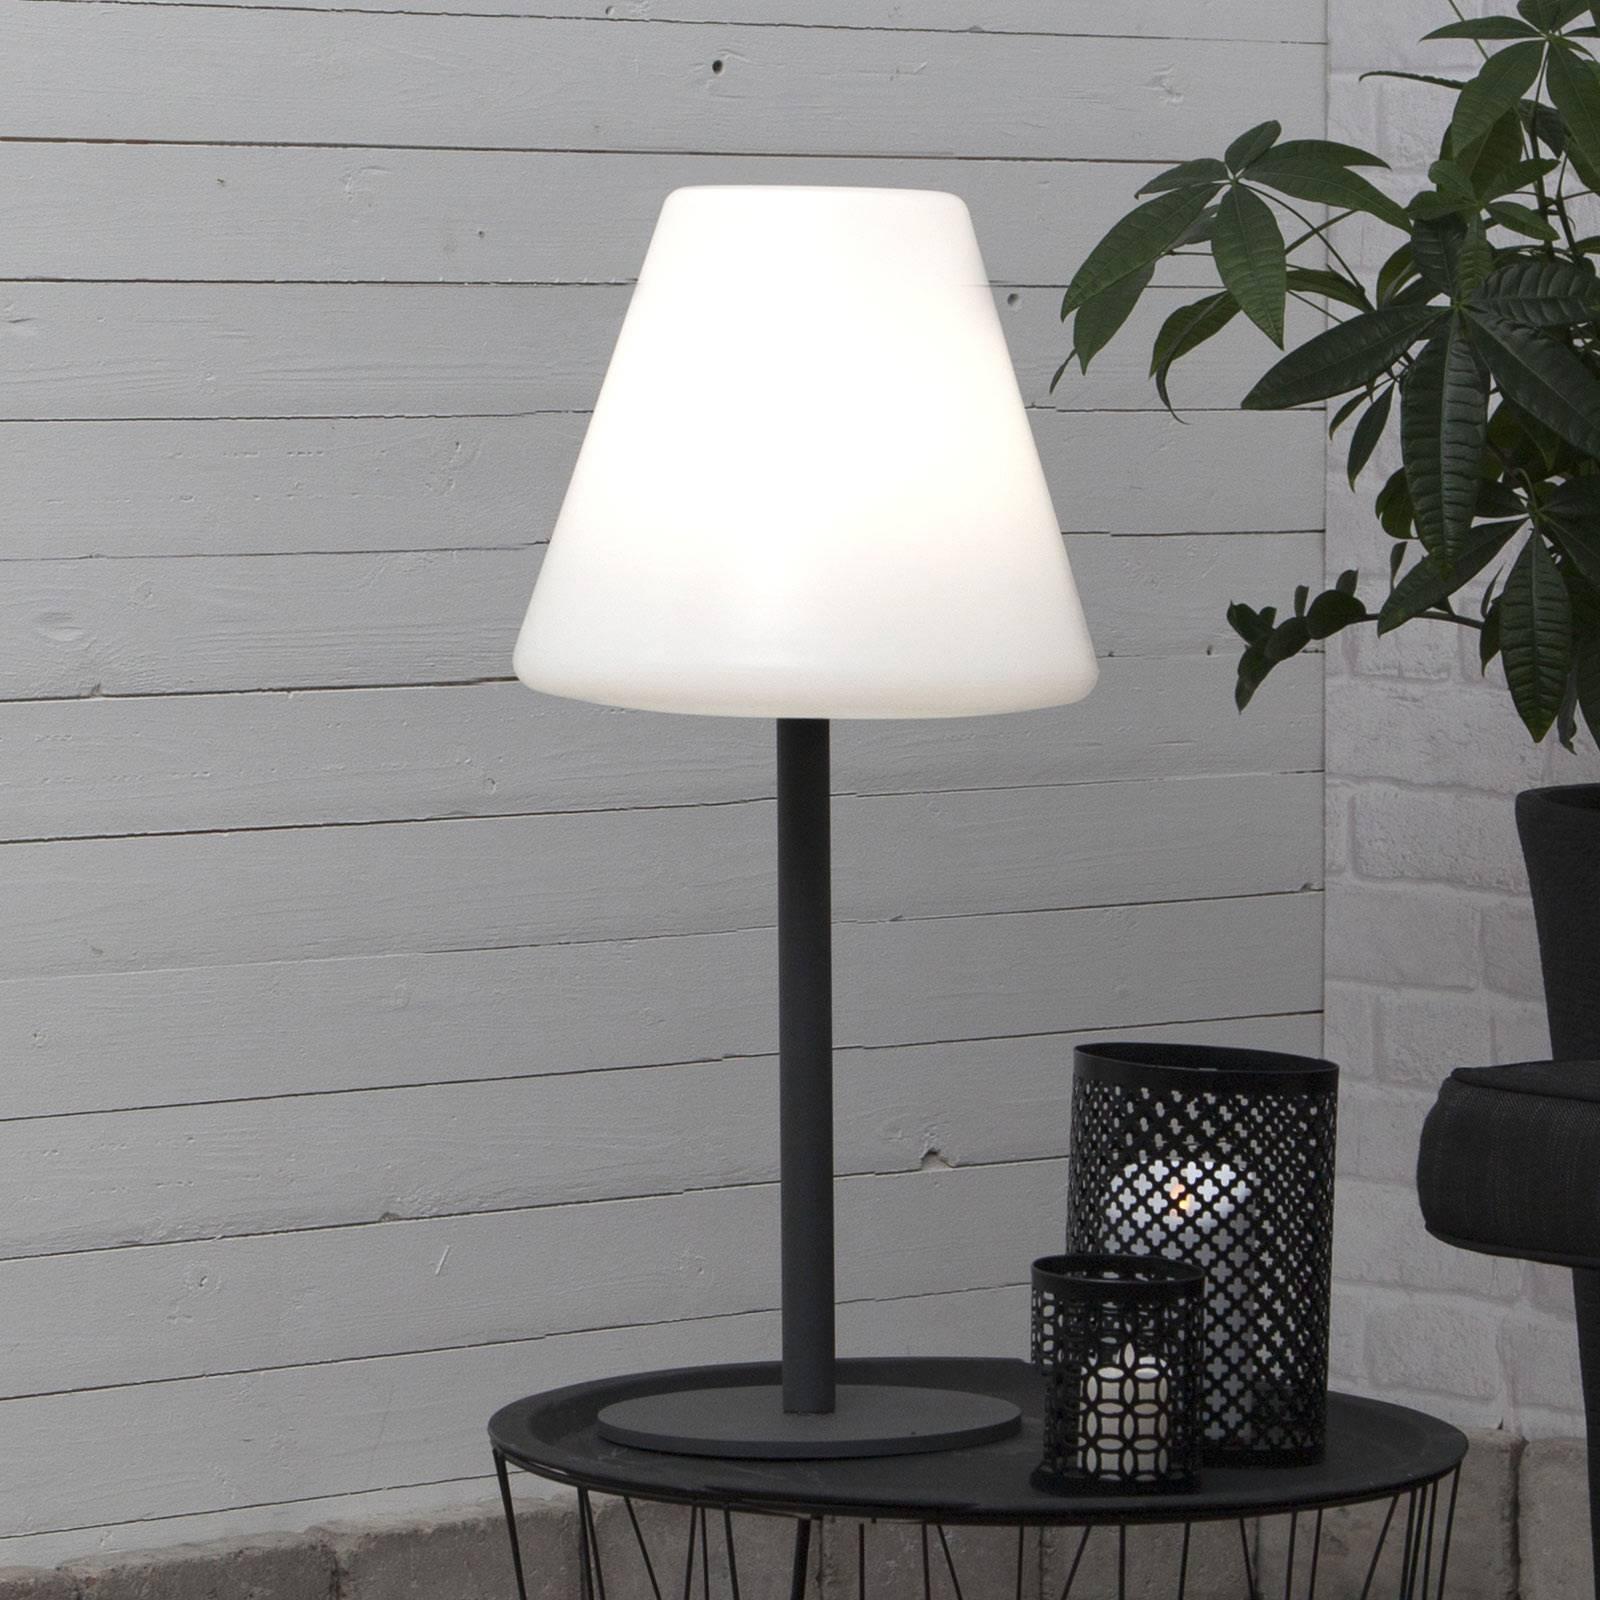 Terassivalaisin Gardenlight Kreta, 60 cm